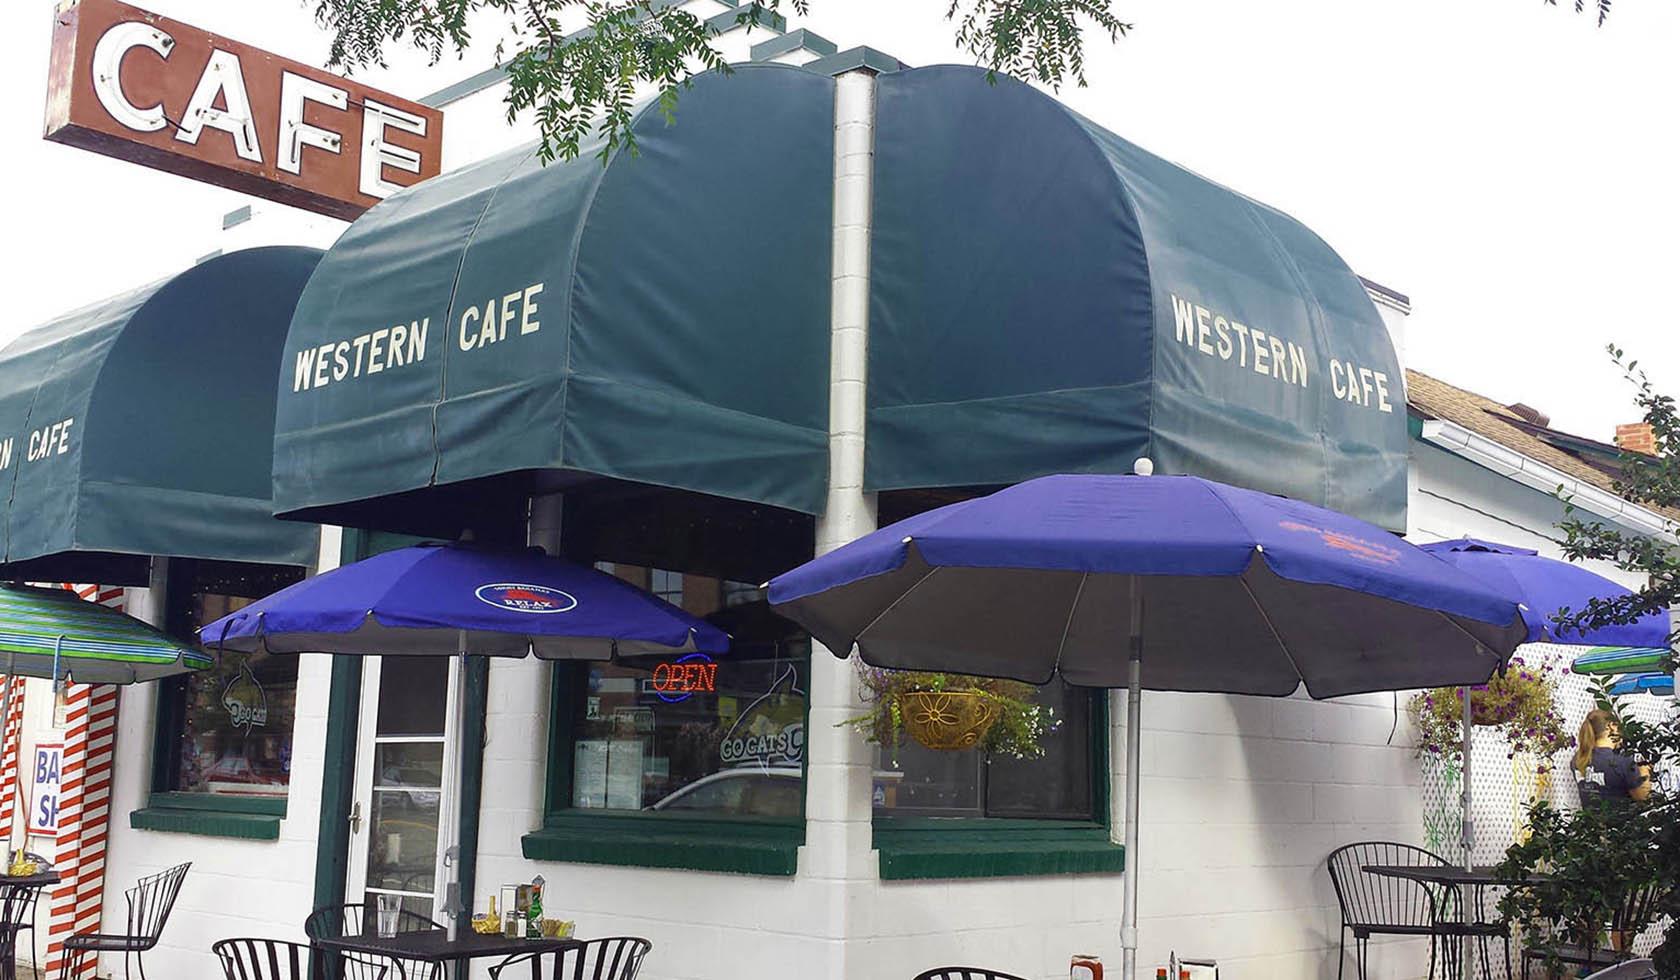 Western Cafe of Bozeman profile image